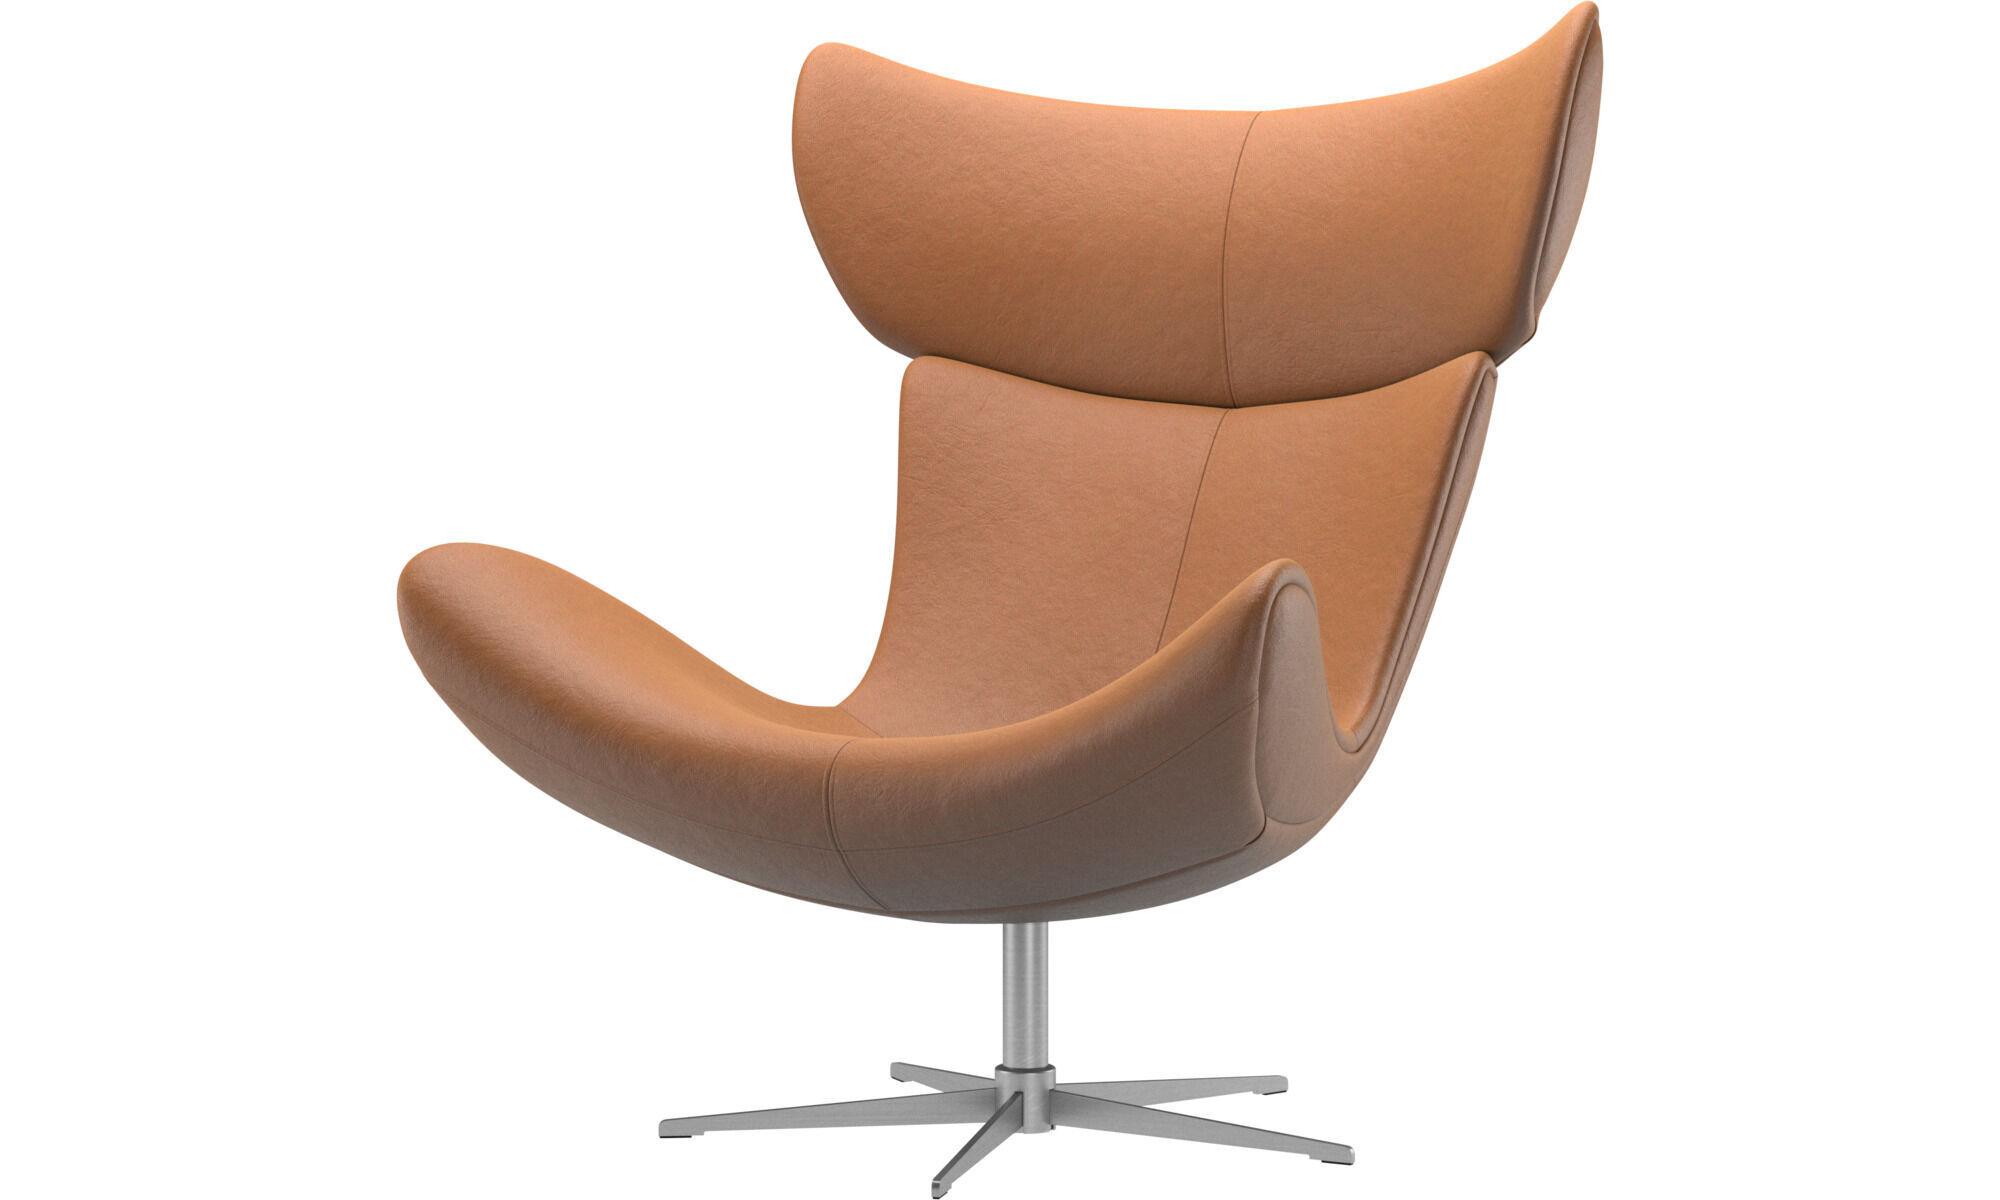 Fotele - Fotel Imola na obrotowej nodze - Brązowy - Skóra